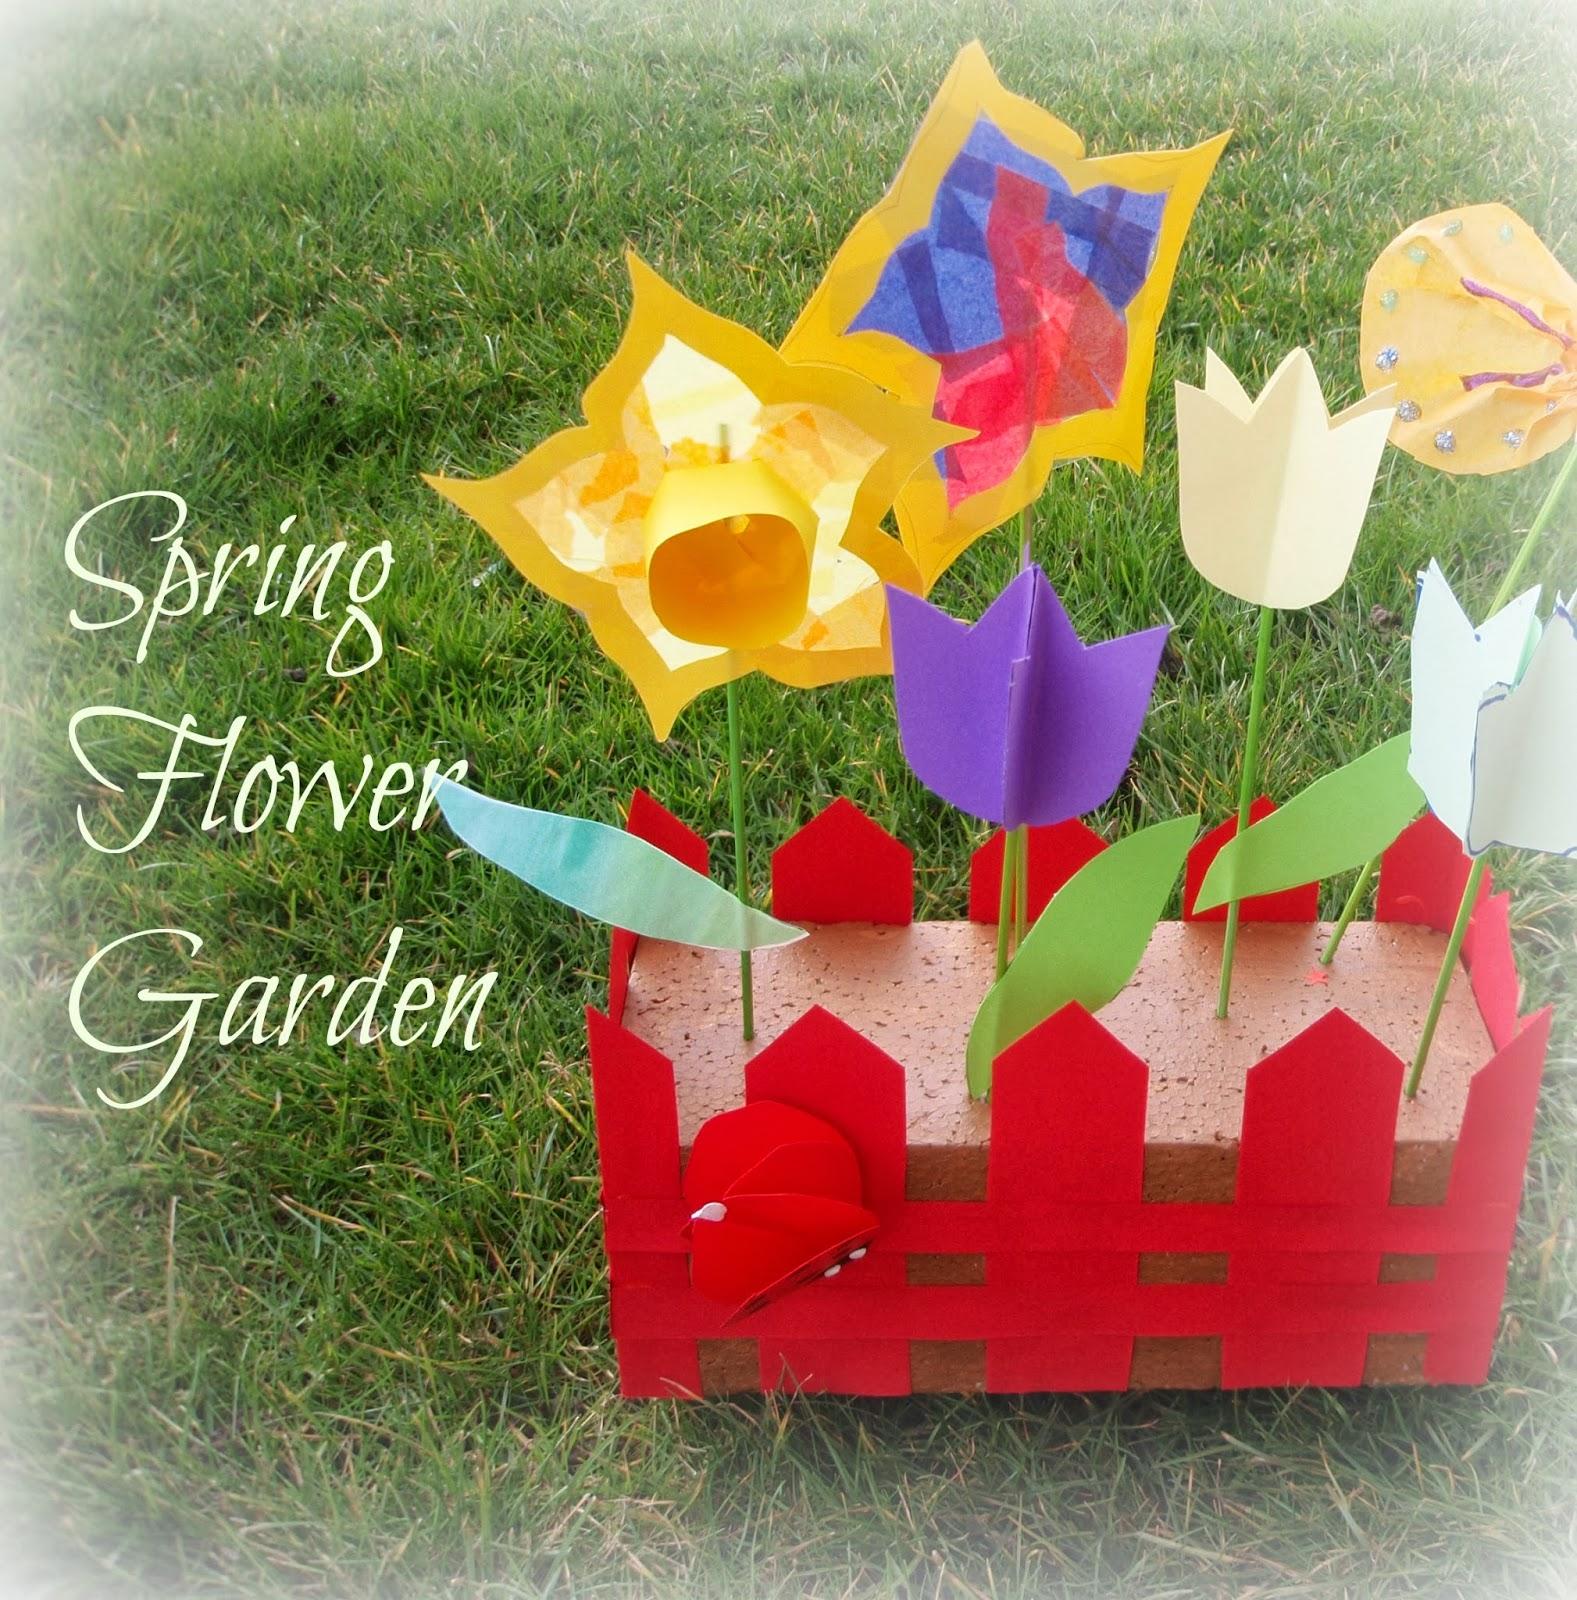 Spring Flower Garden